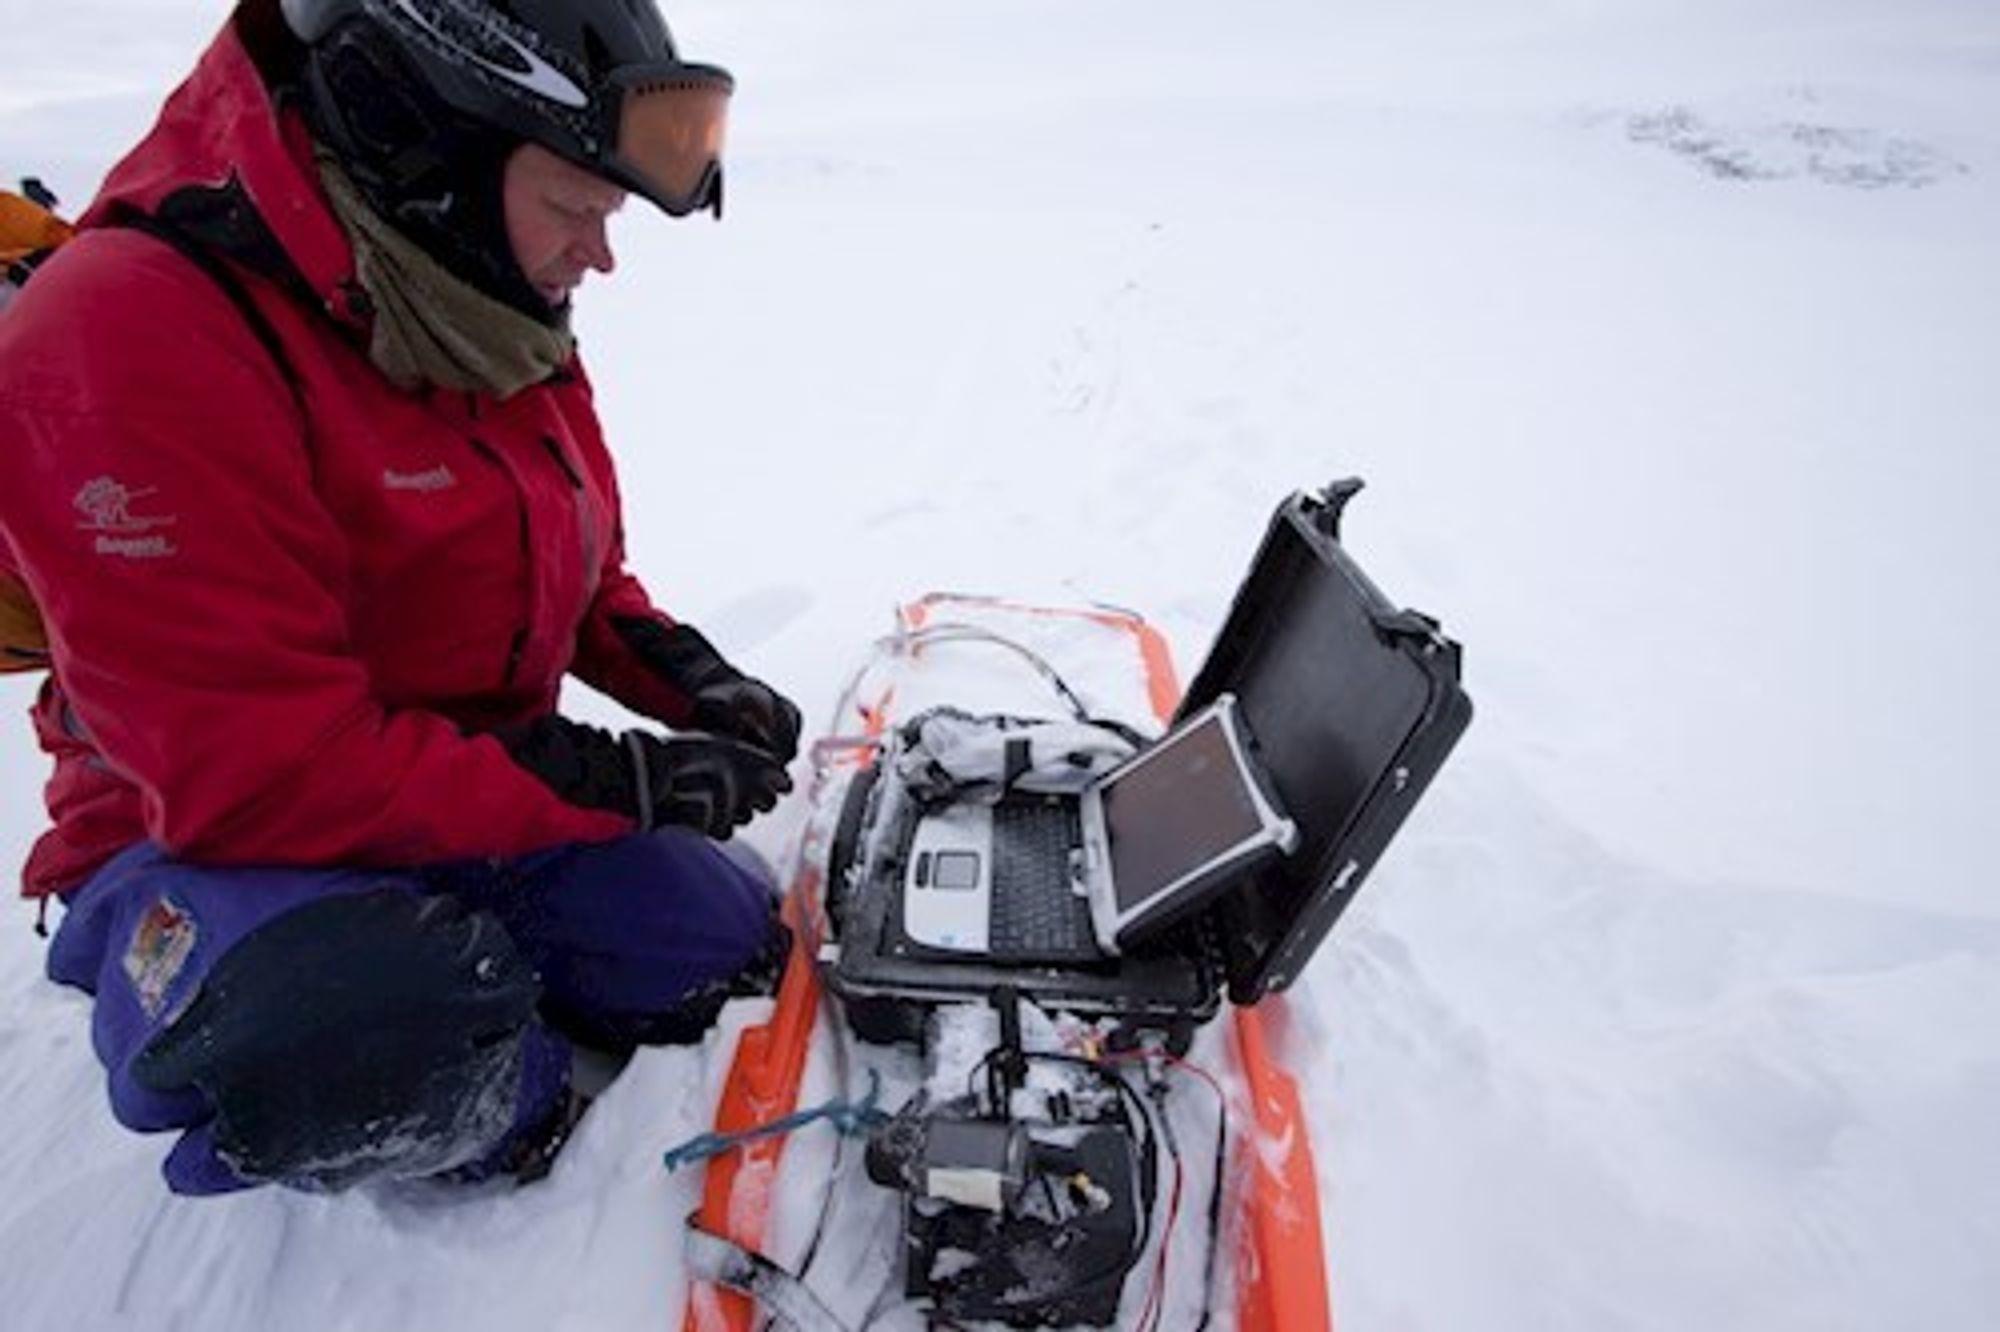 Kjetil Melvold (på bildet) og Tron Laumann har laget animasjonen av Hardangerjøkulen som smelter.